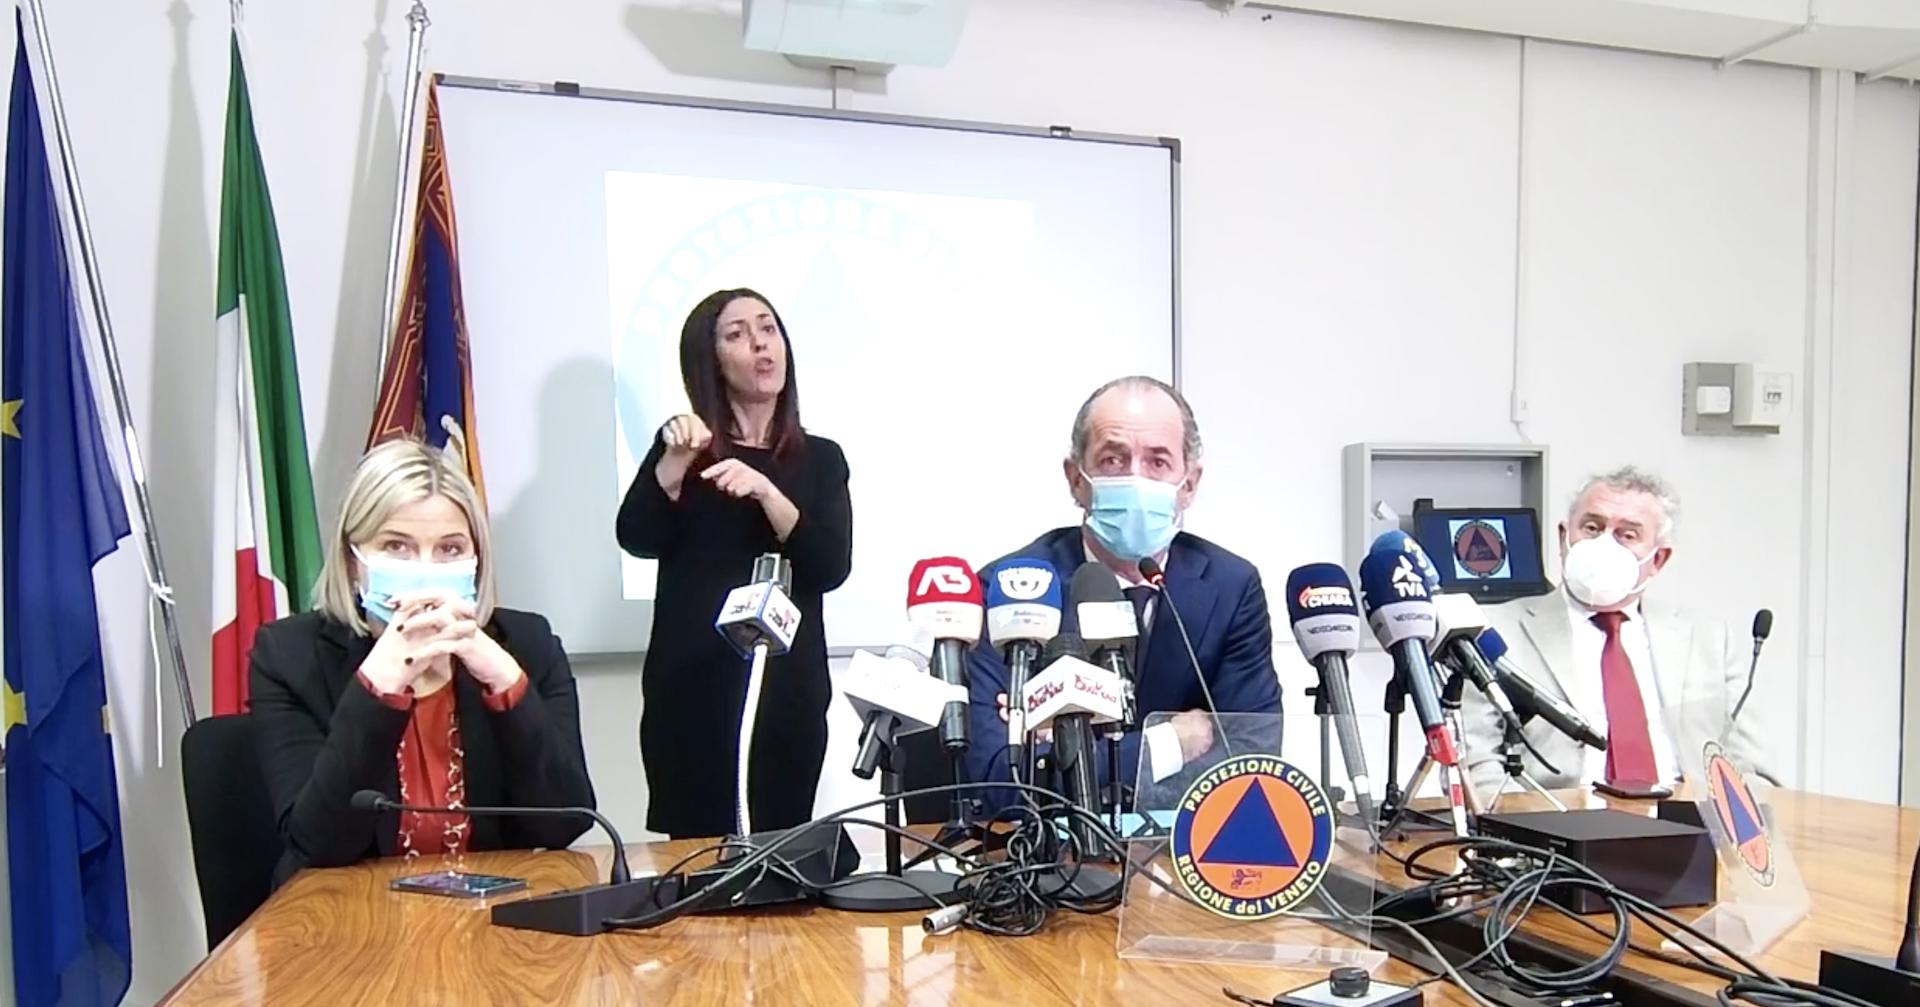 Coronavirus in Veneto, 1.359 nuovi positivi e 69 morti. Zaia: «La scuola è una forma di assembramento» – Il video